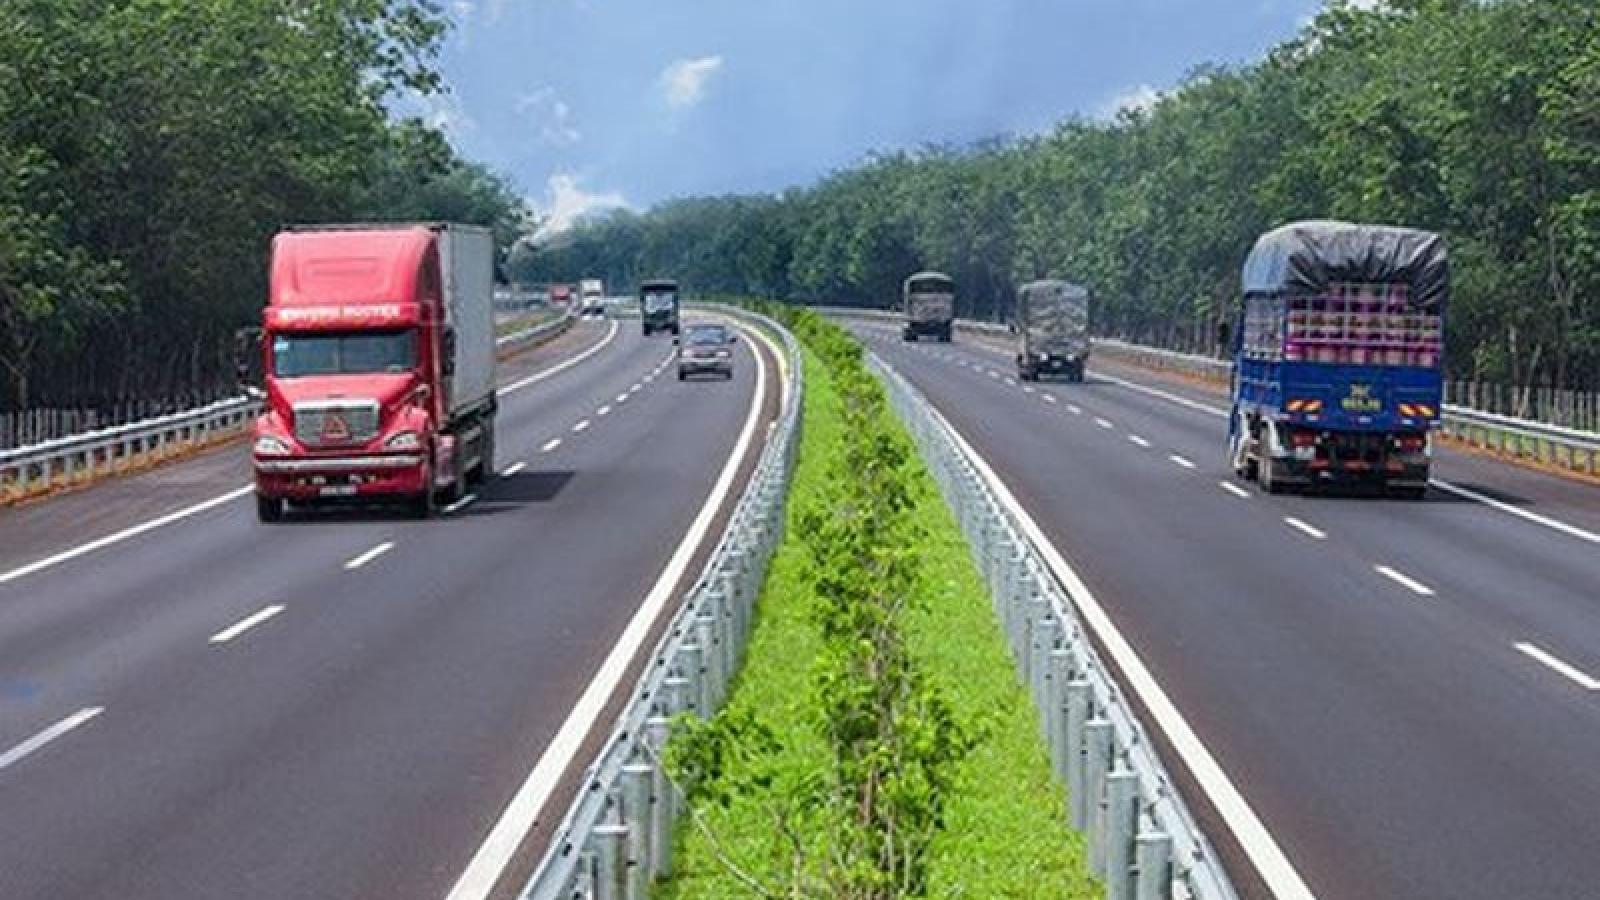 Chậm nhất cuối năm nay phải thu phí sử dụng đường bộ theo hình thức điện tử không dừng